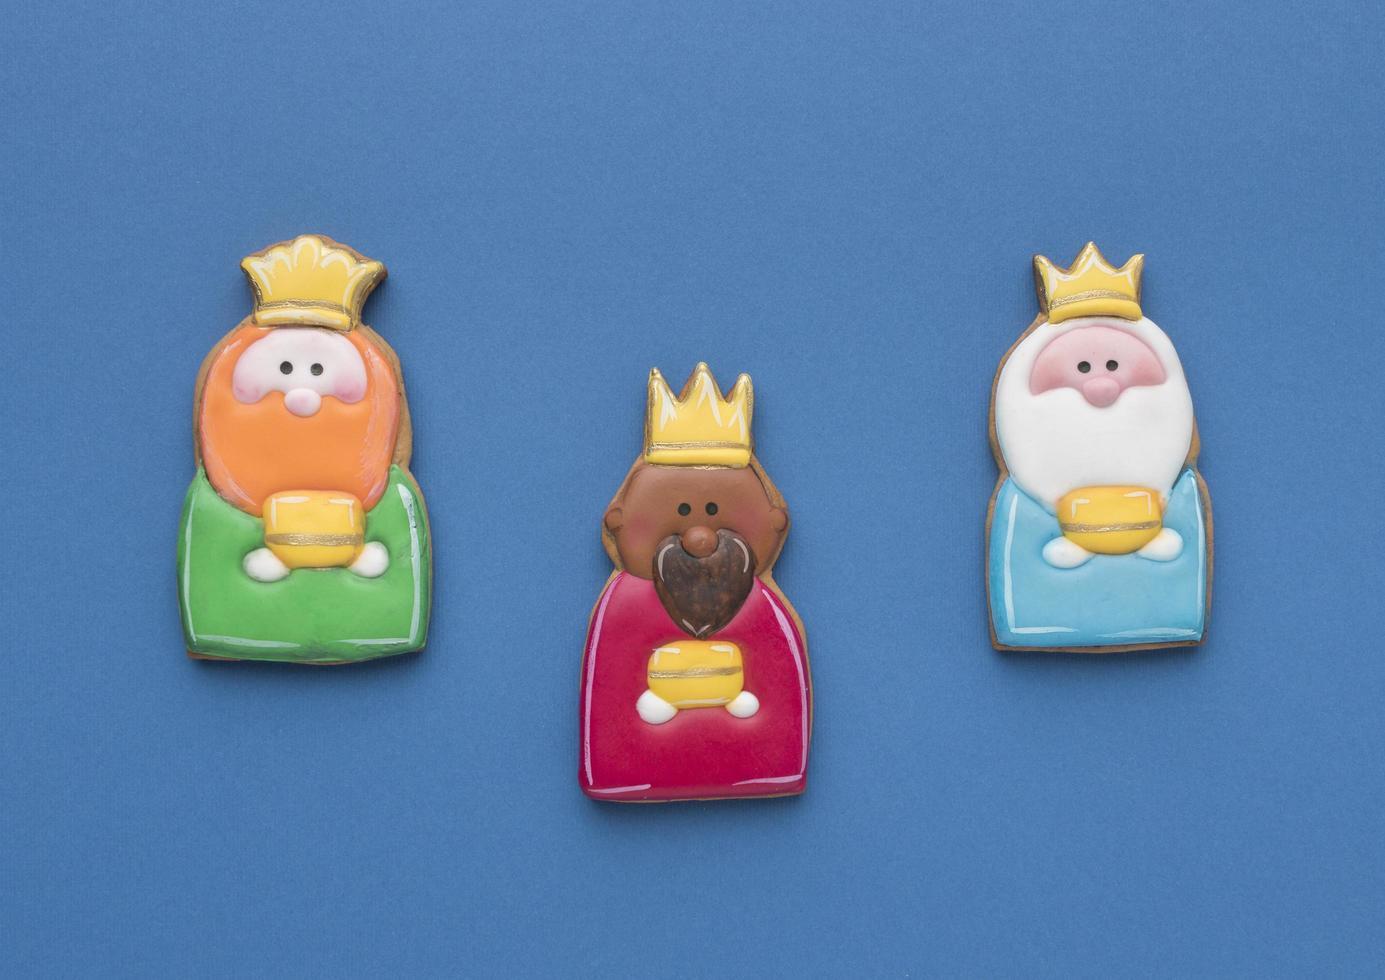 drie koningen cookies voor epiphany dag foto